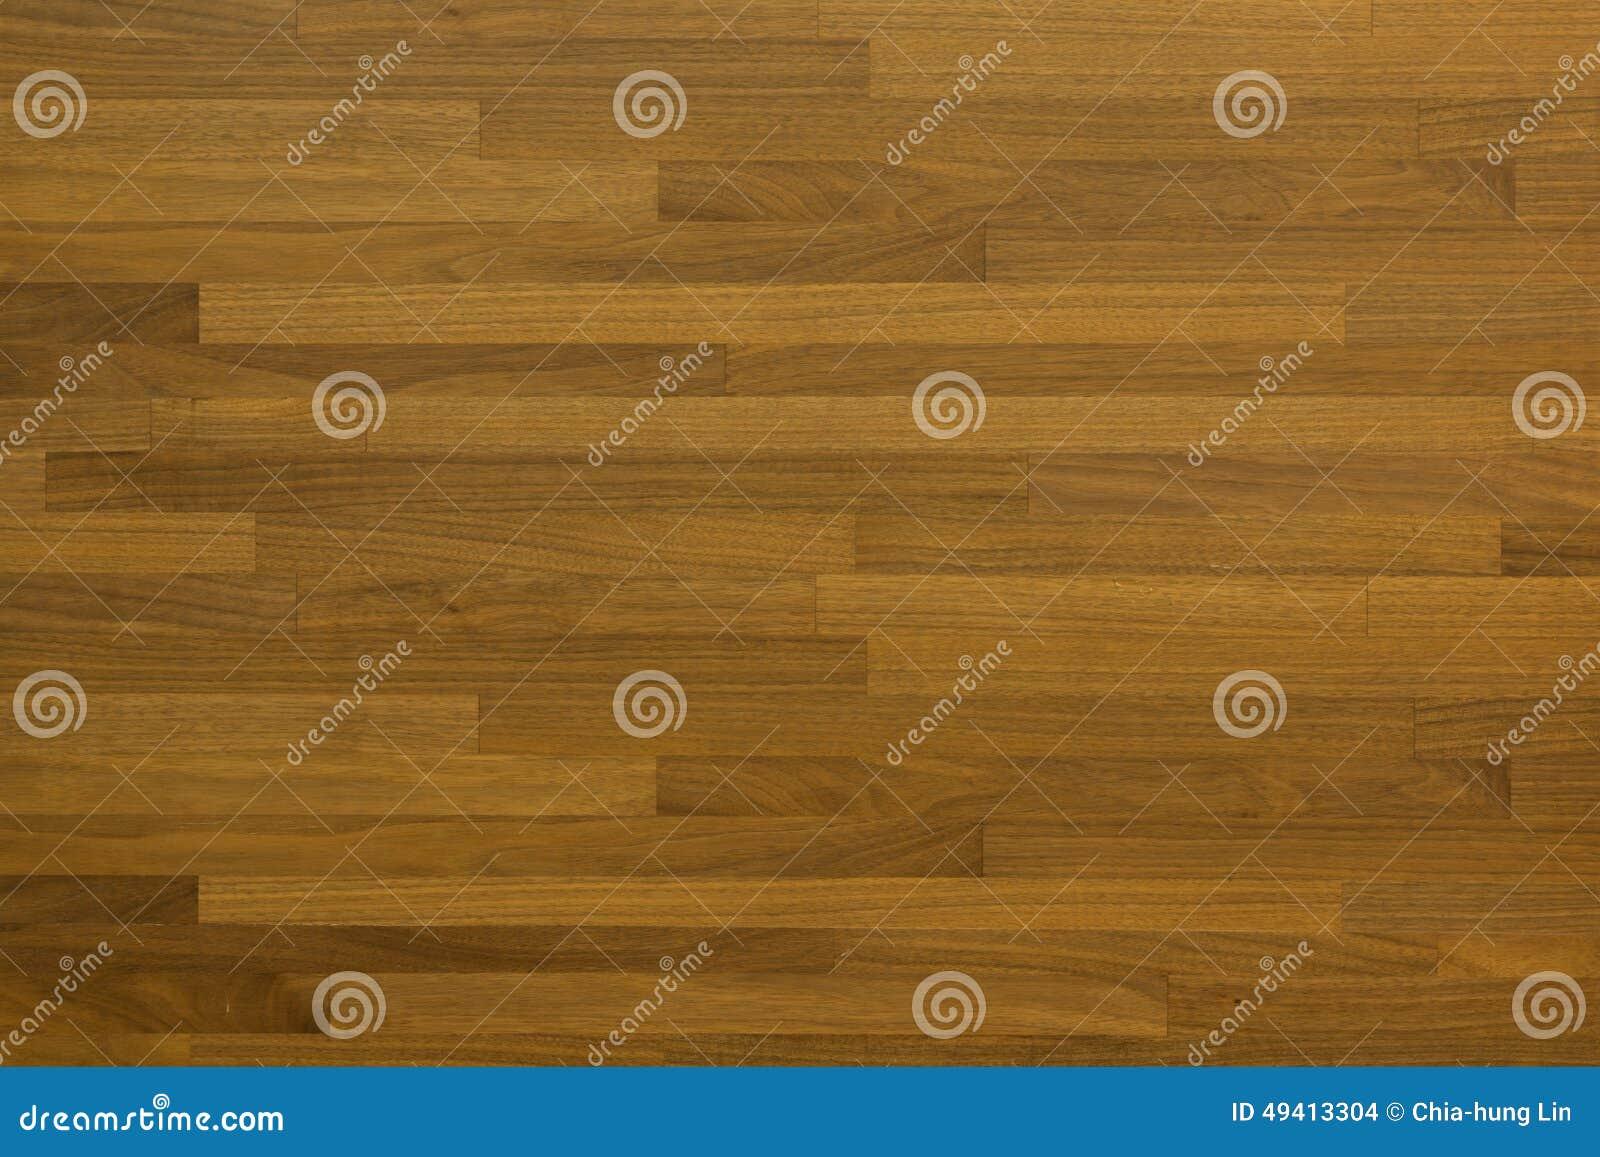 Download Wand Hergestellt Von Den Kurzen Holzleisten Stockfoto - Bild von weinlese, auslegung: 49413304